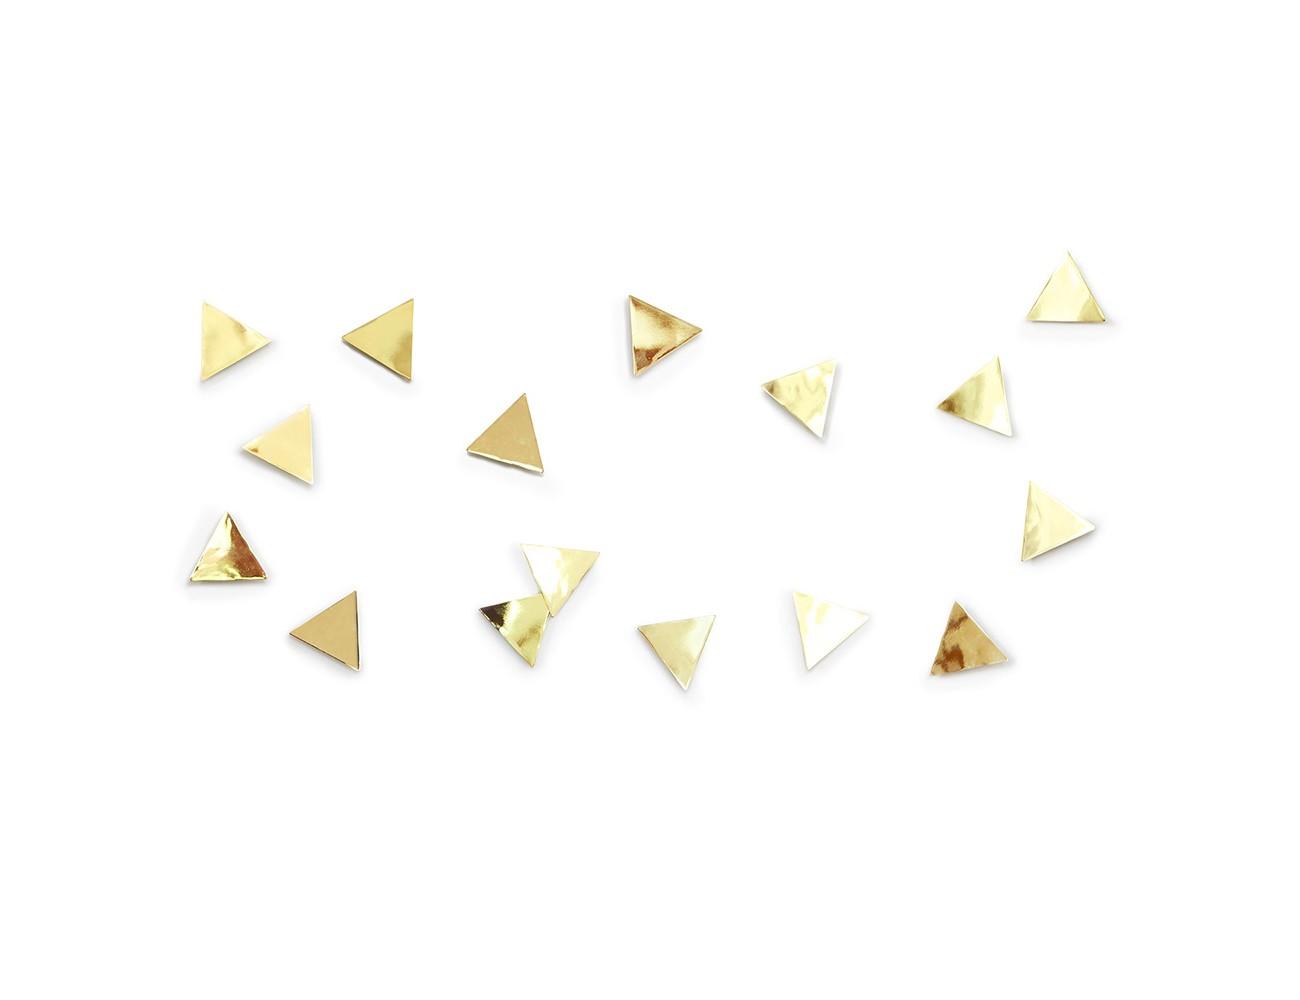 Декор для стен Confetti trianglesДругое<br>Добавьте стенам  немного гламура и блеска! Комплект из 16 металлических полированных треугольных конфетти с покрытием под латунь.Идеальный декор для вечеринок и свадеб, а также незаменимый подарок для творческих натур! Крепятся к стене при помощи липкой ленты 3M Command (входит в комплект).<br><br>Material: Металл<br>Width см: 7,5<br>Depth см: 7,5